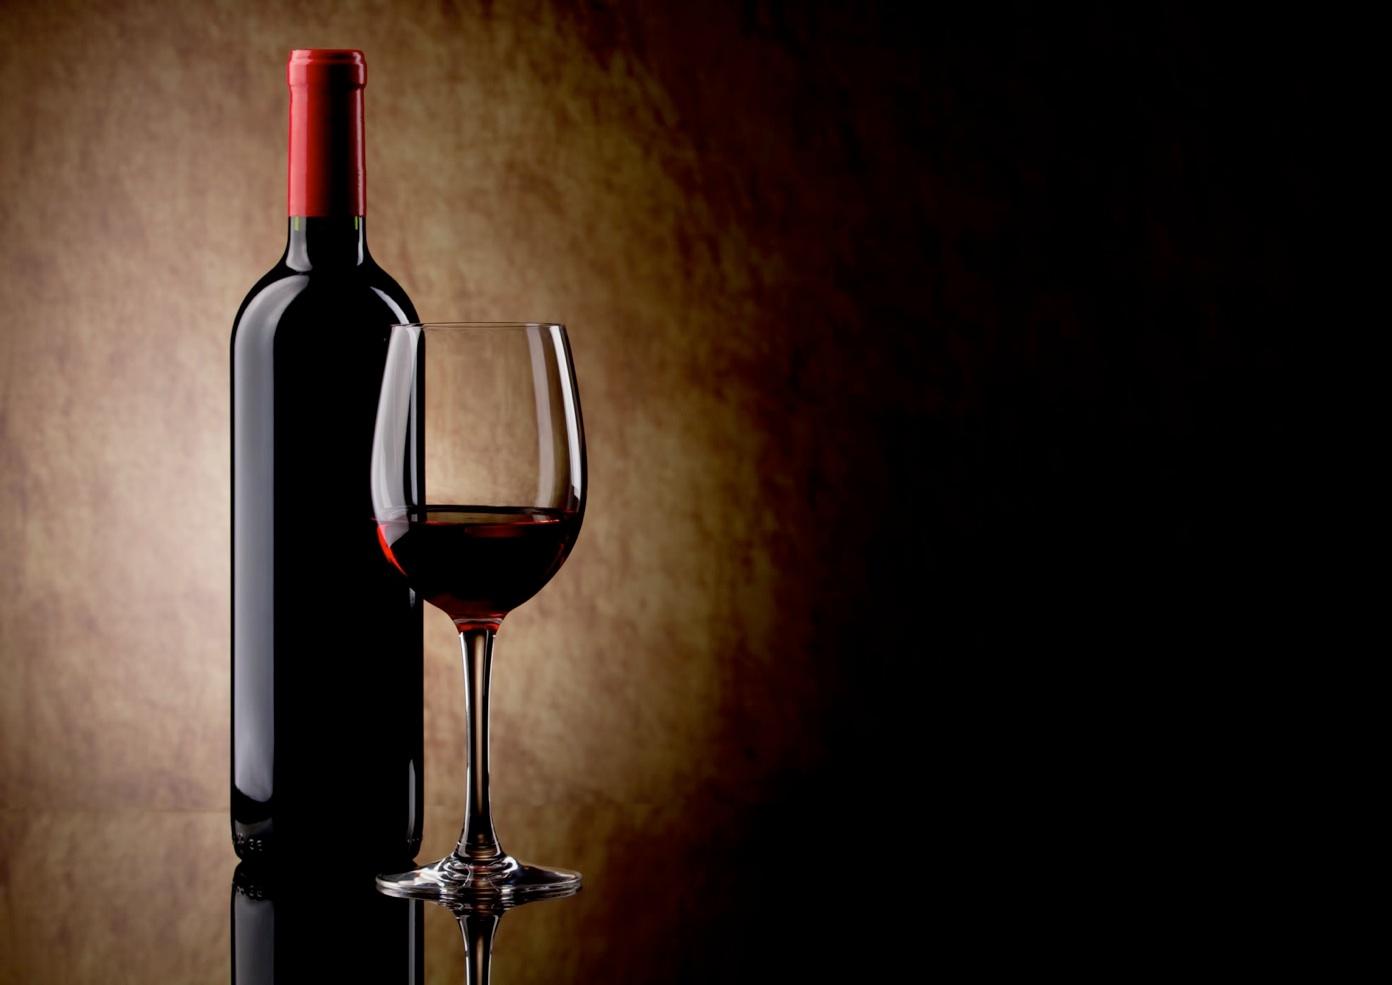 Bouteille De Vin Rouge Sans Etiquette Avec Un Verre A Sa Droite